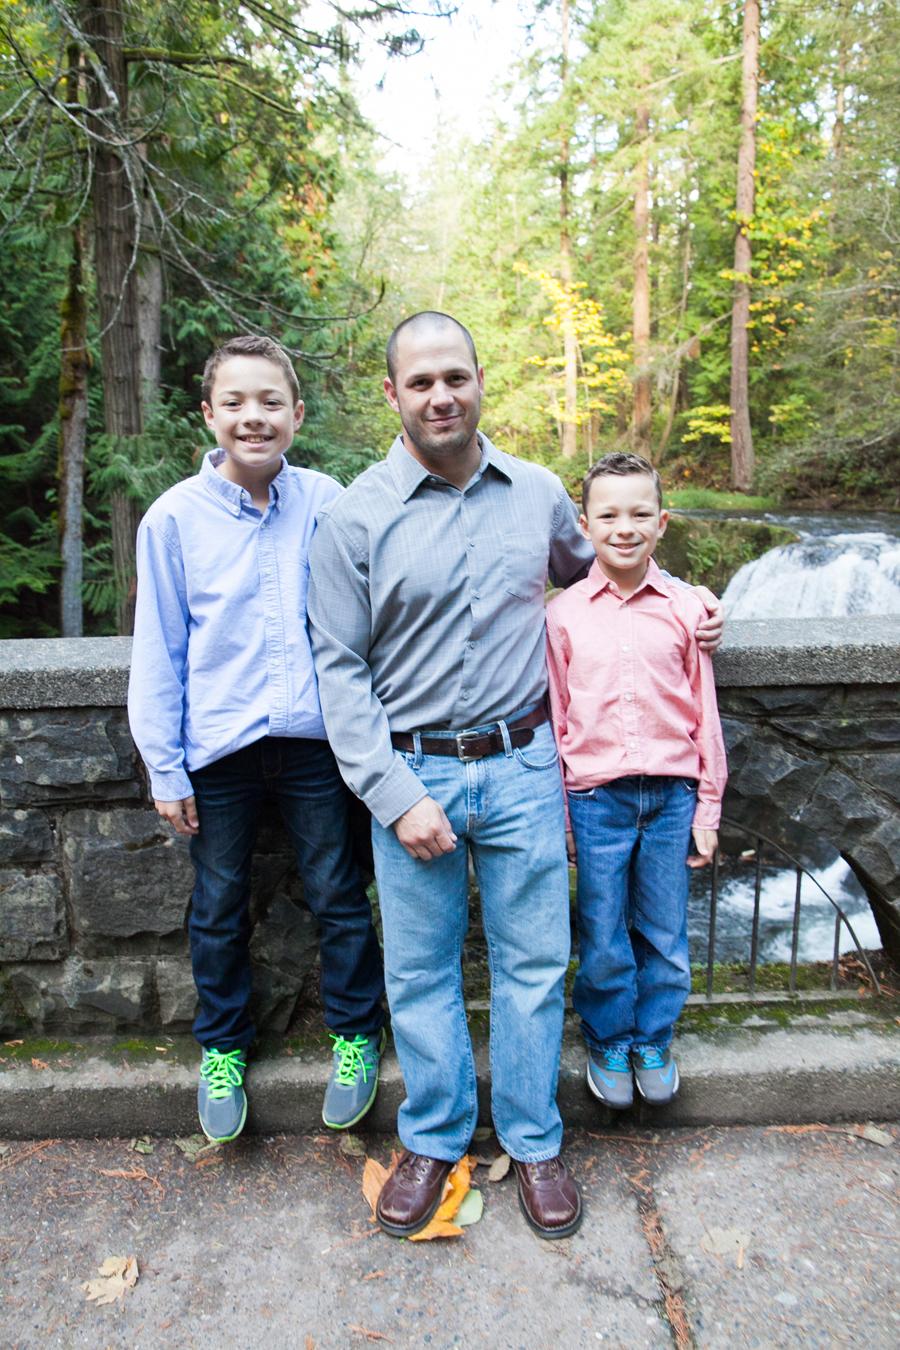 003-whatcom-falls-park-bellingham-rydman-family.jpg